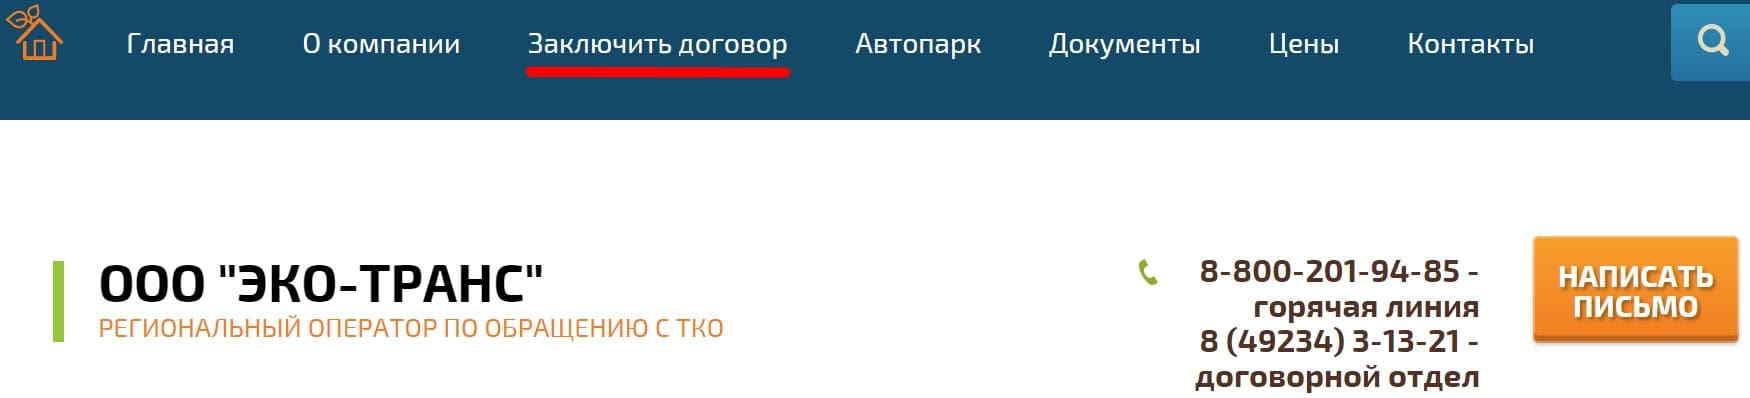 Ekotrans33.ru региональный оператор